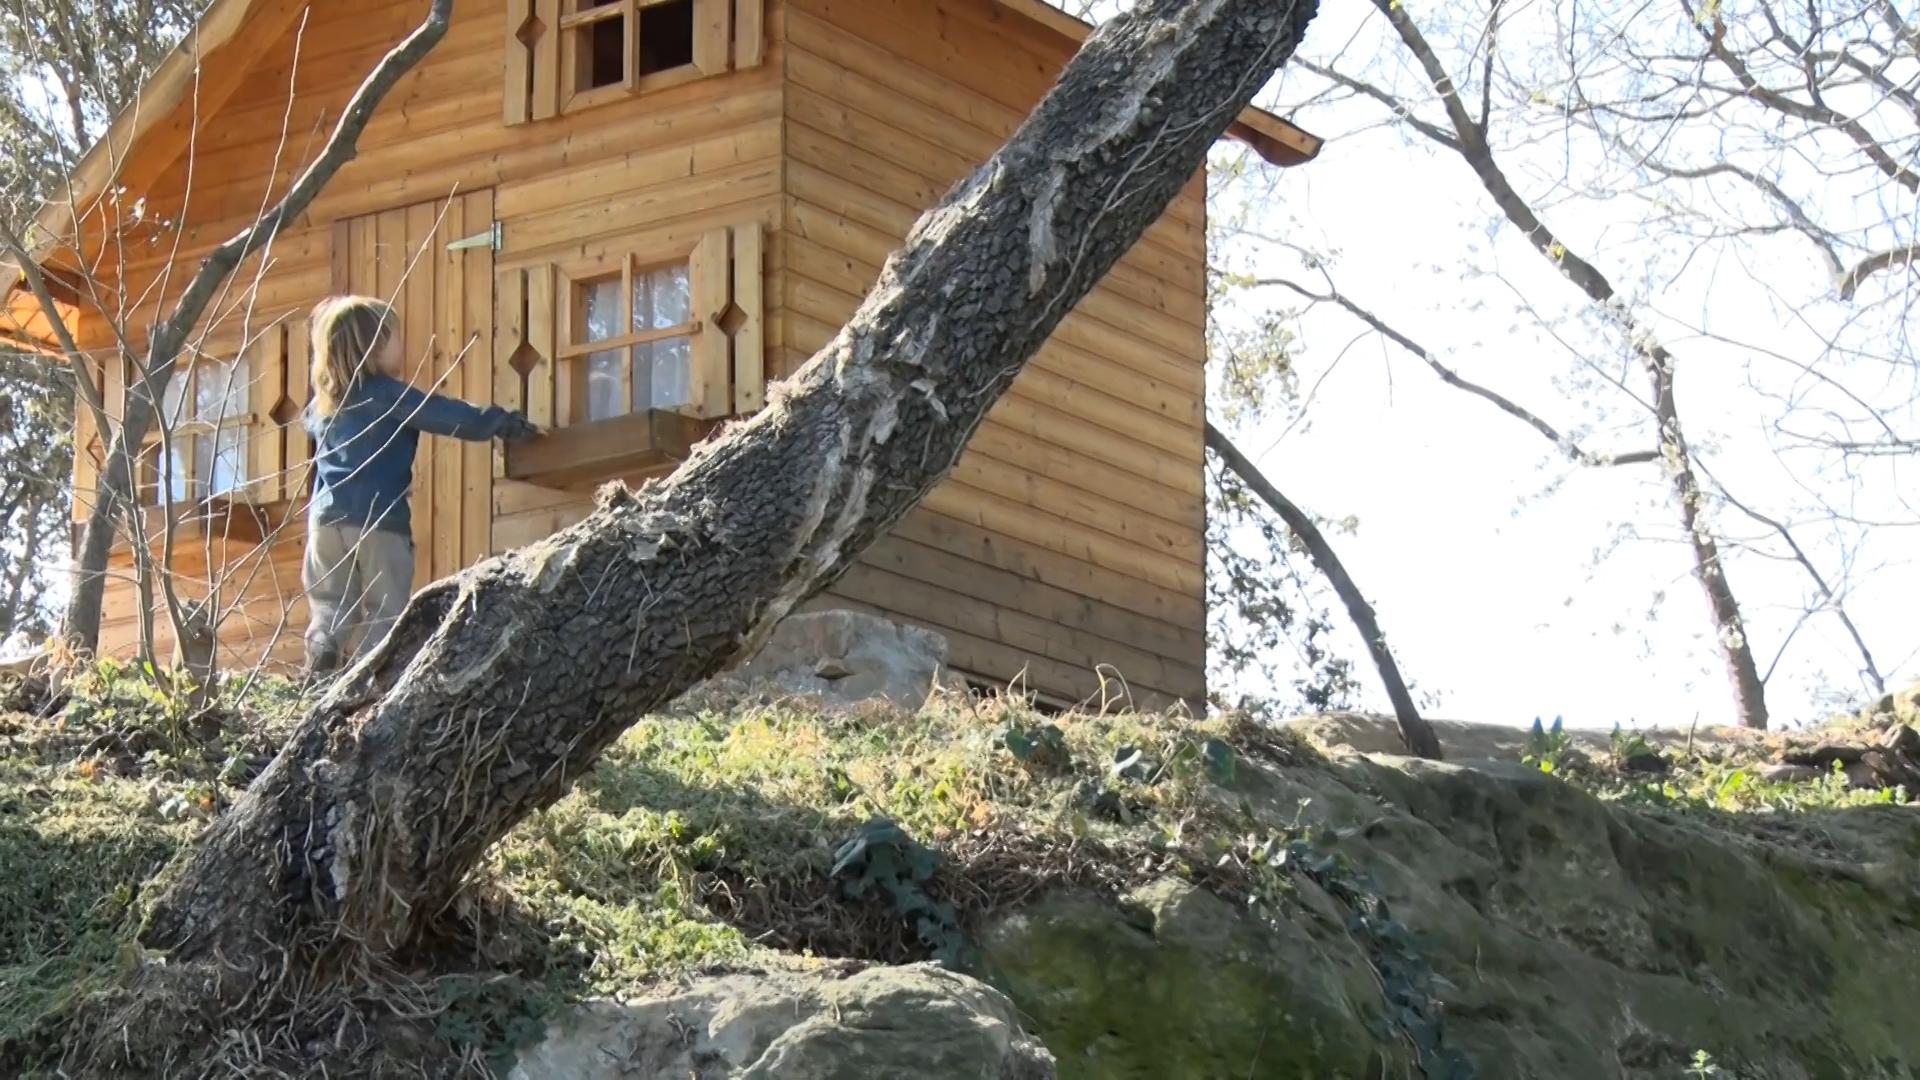 Campanya de micromecenatge per a la construcció del refugi de l'escola de bosc el Saüc